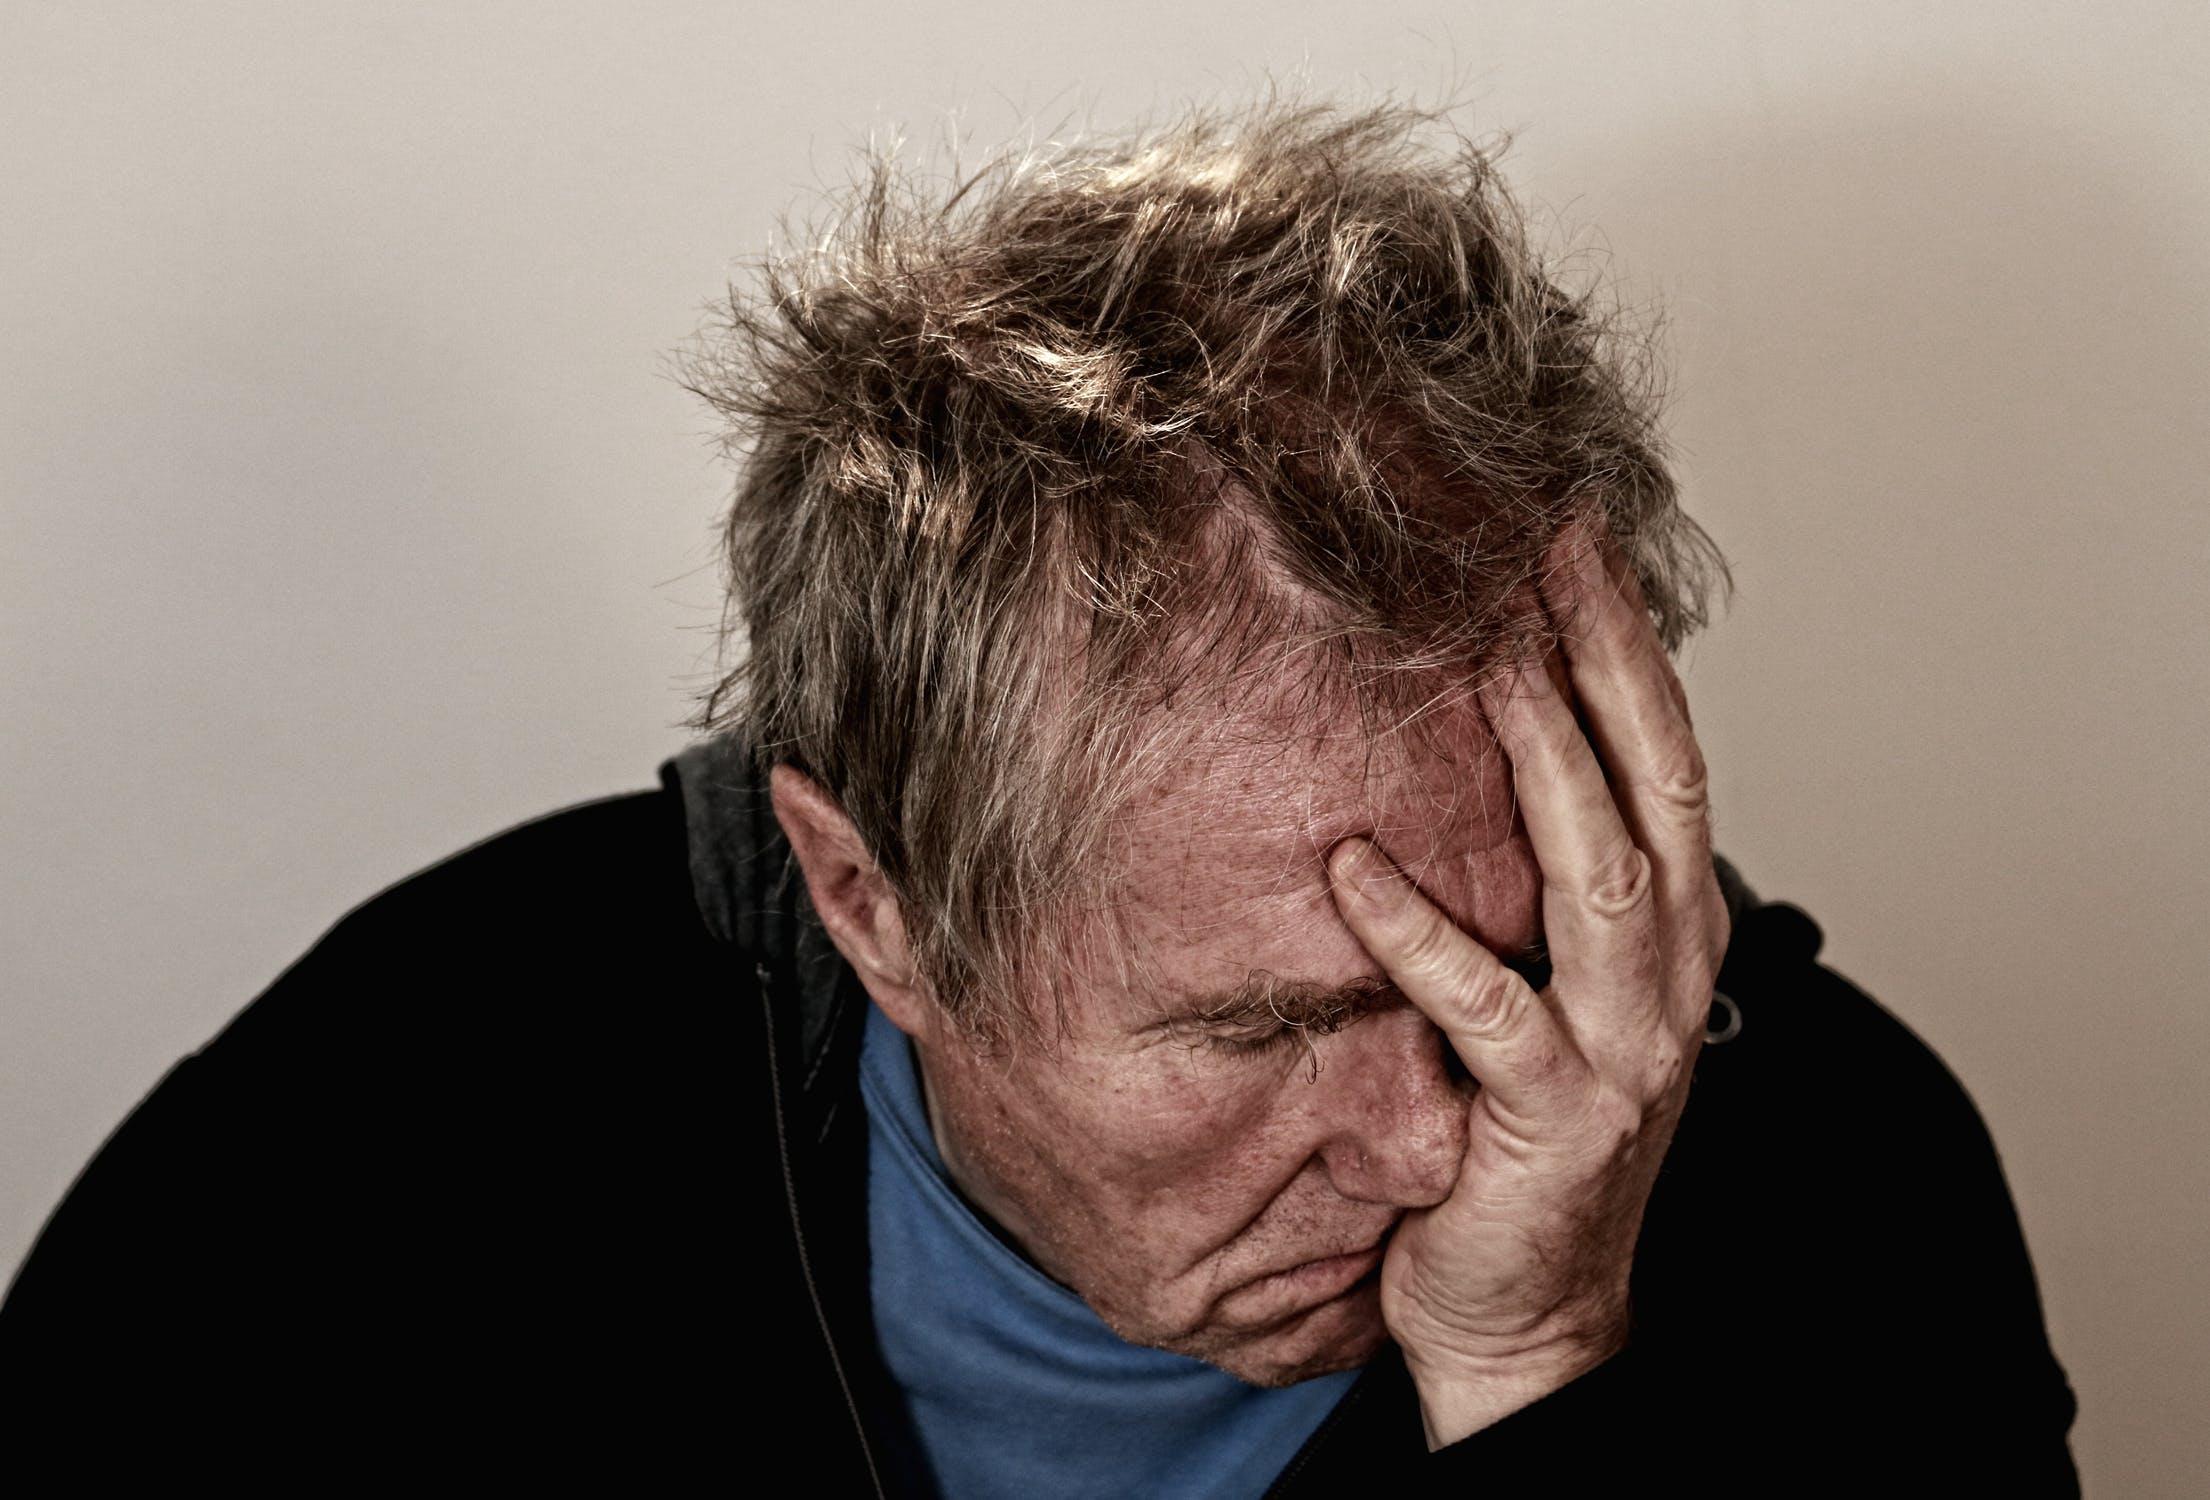 โรคซึมเศร้า ในผู้สูงอายุ